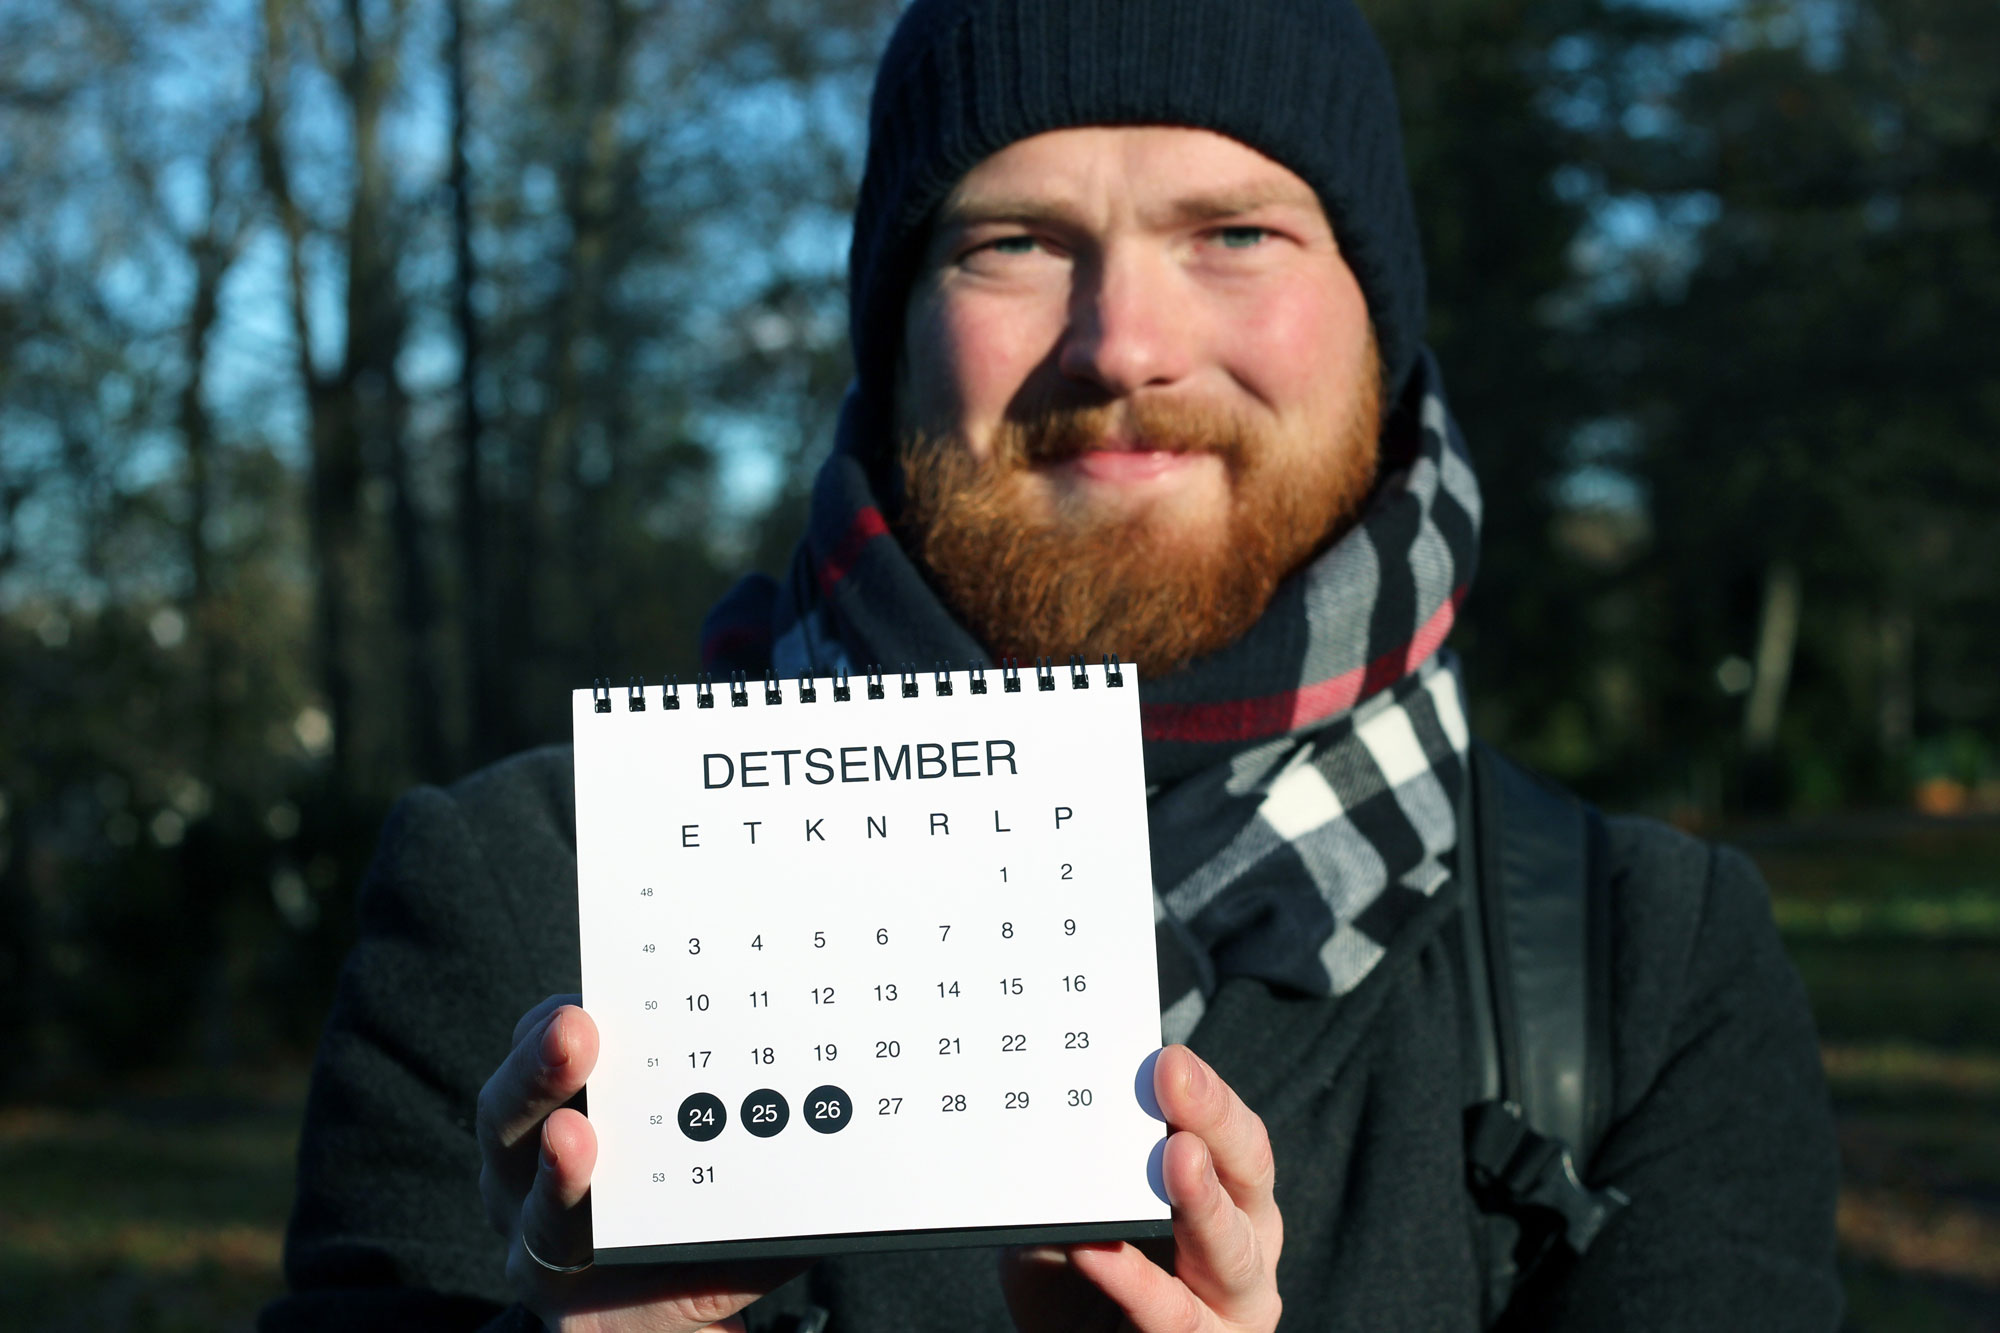 PÕNEV ALGATUS! Minimalistlik Disainkalender aitab ajaga kaasas käia